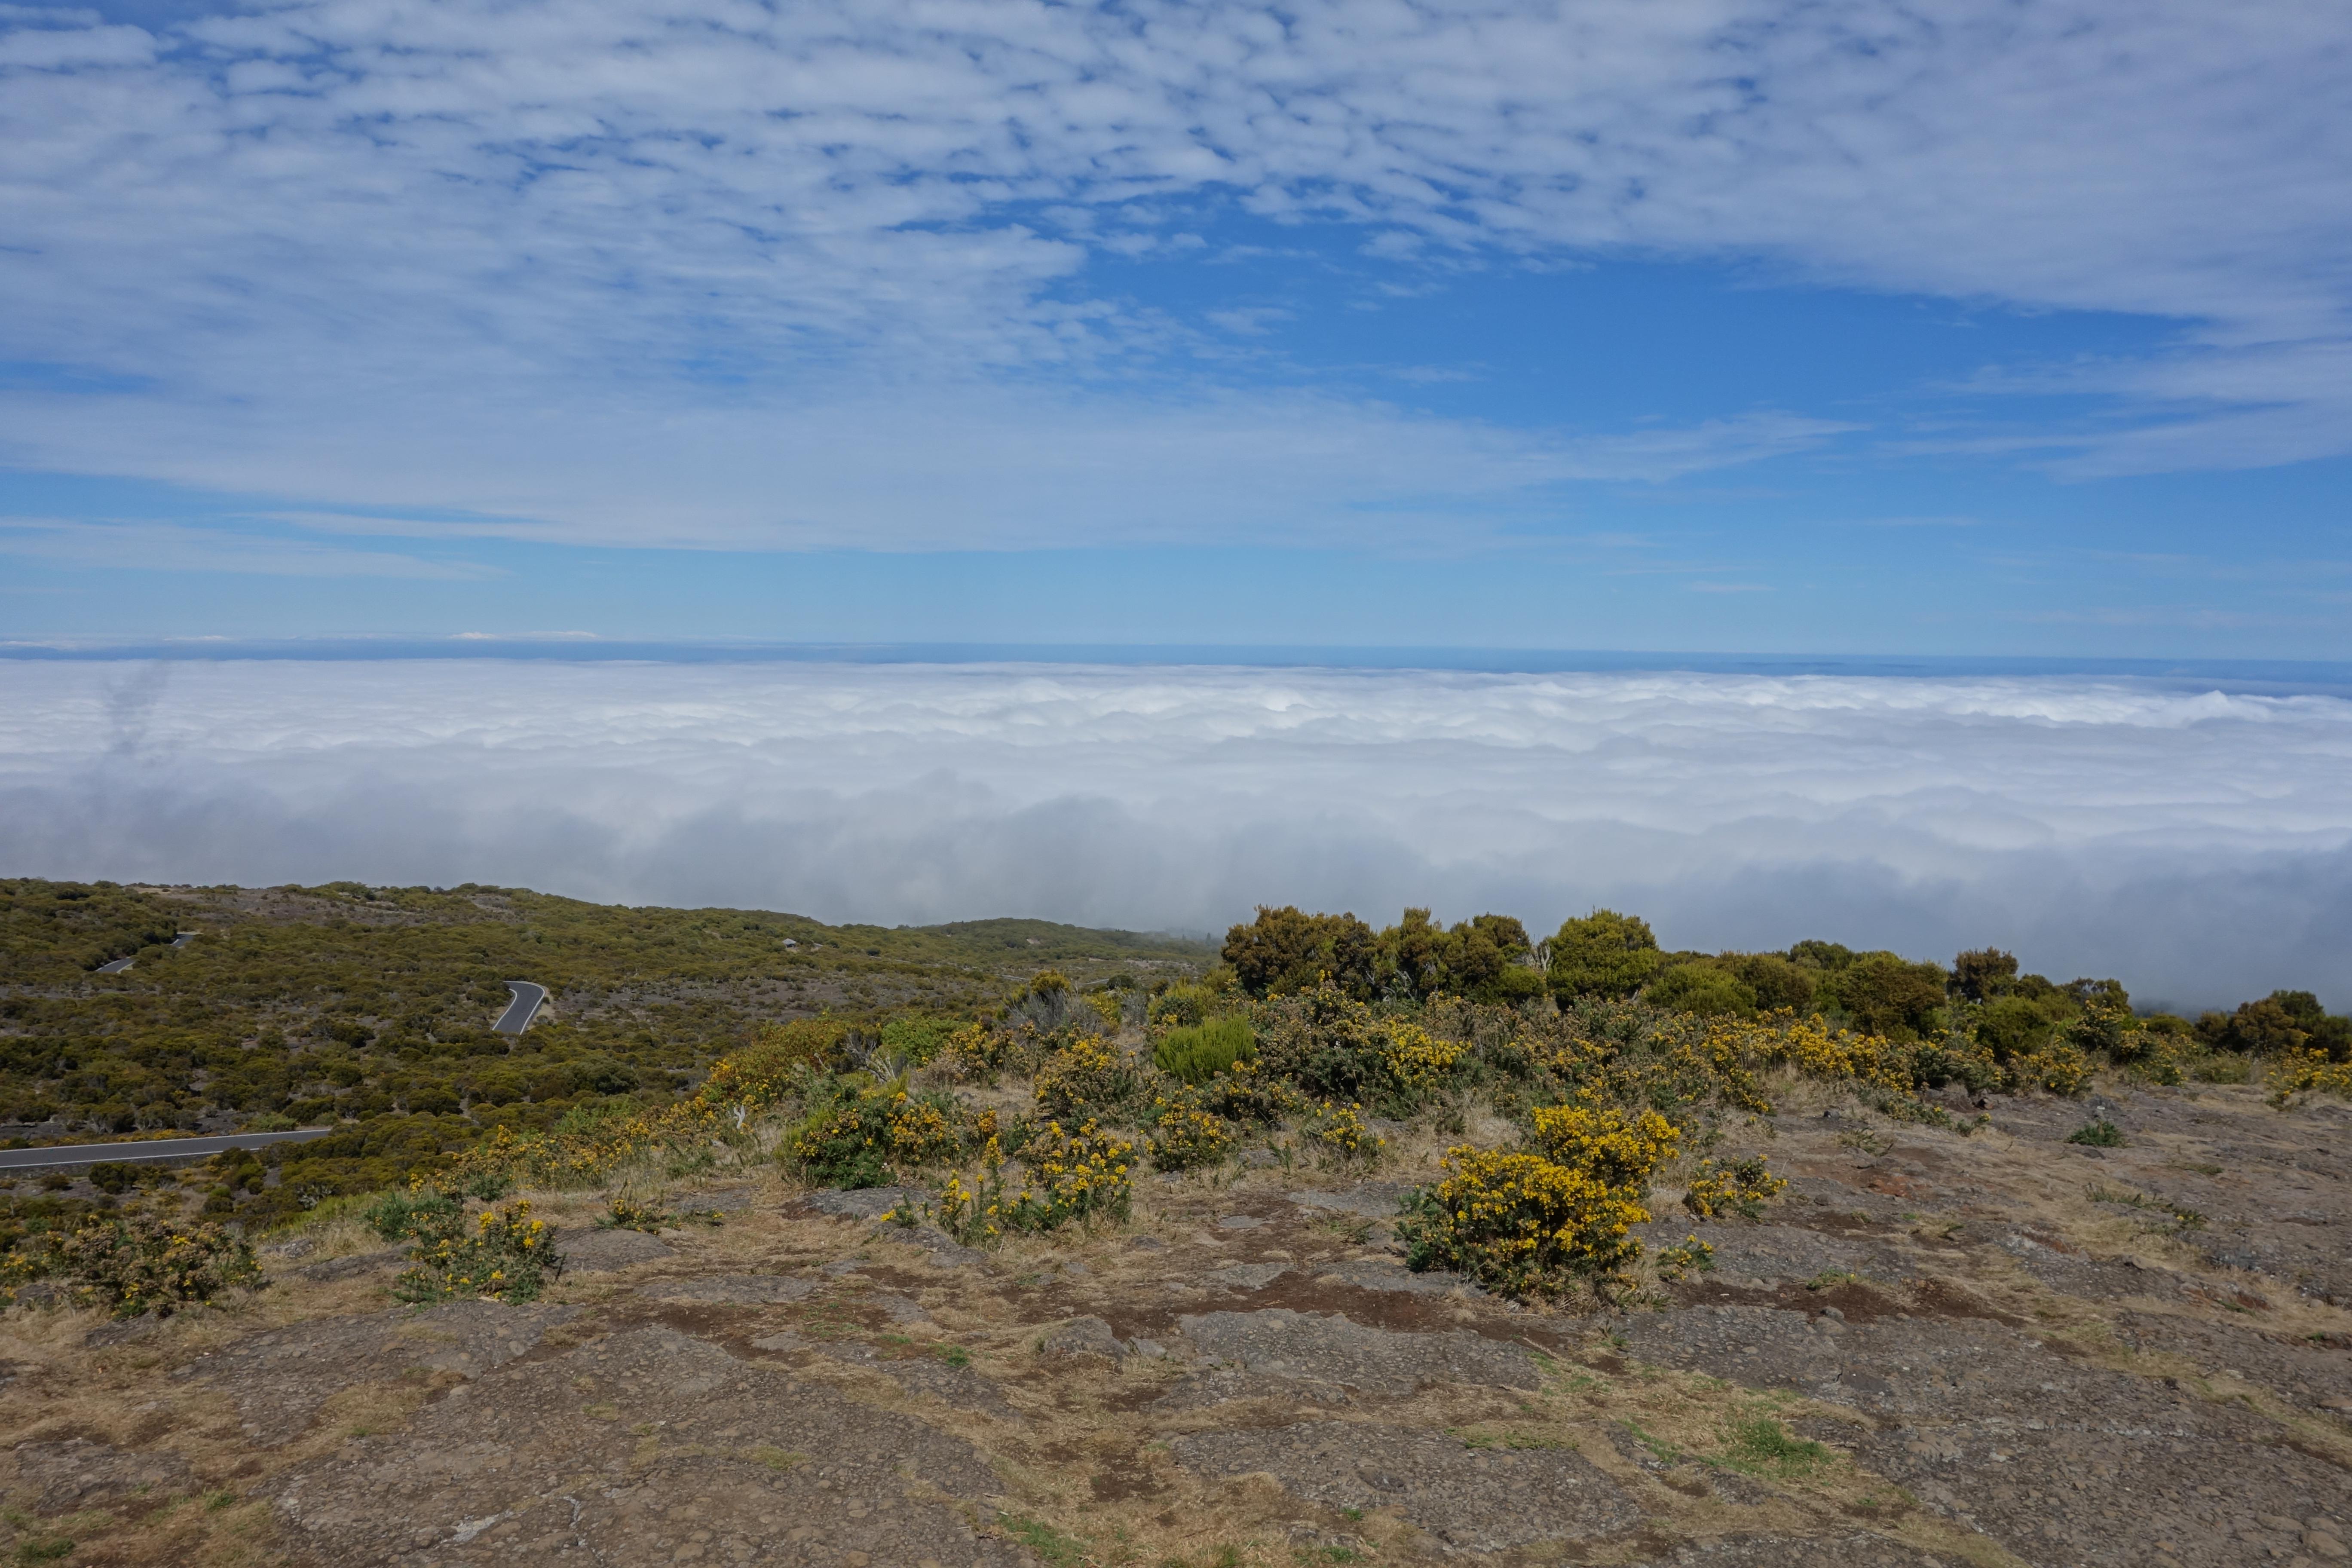 Blick vom Piton Maido über die Wolkendecke Richtung indischer Ozean